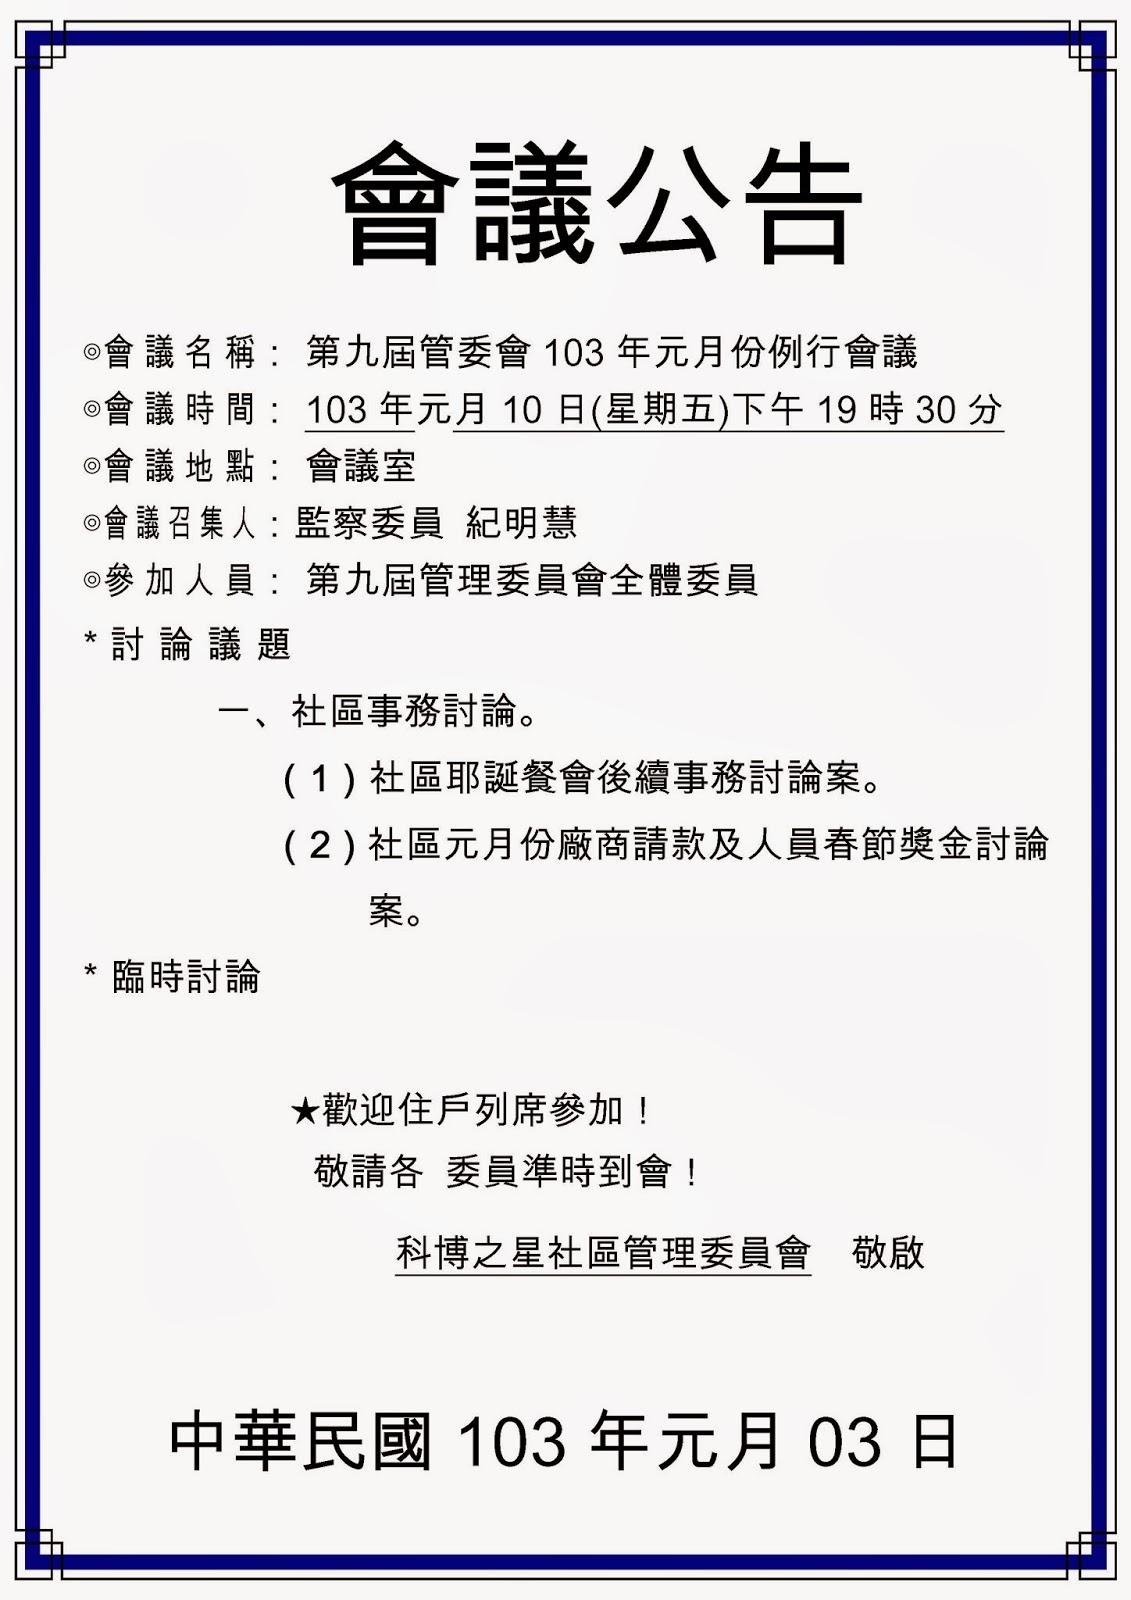 『科博之星 社區管理委員會』: 開會通知